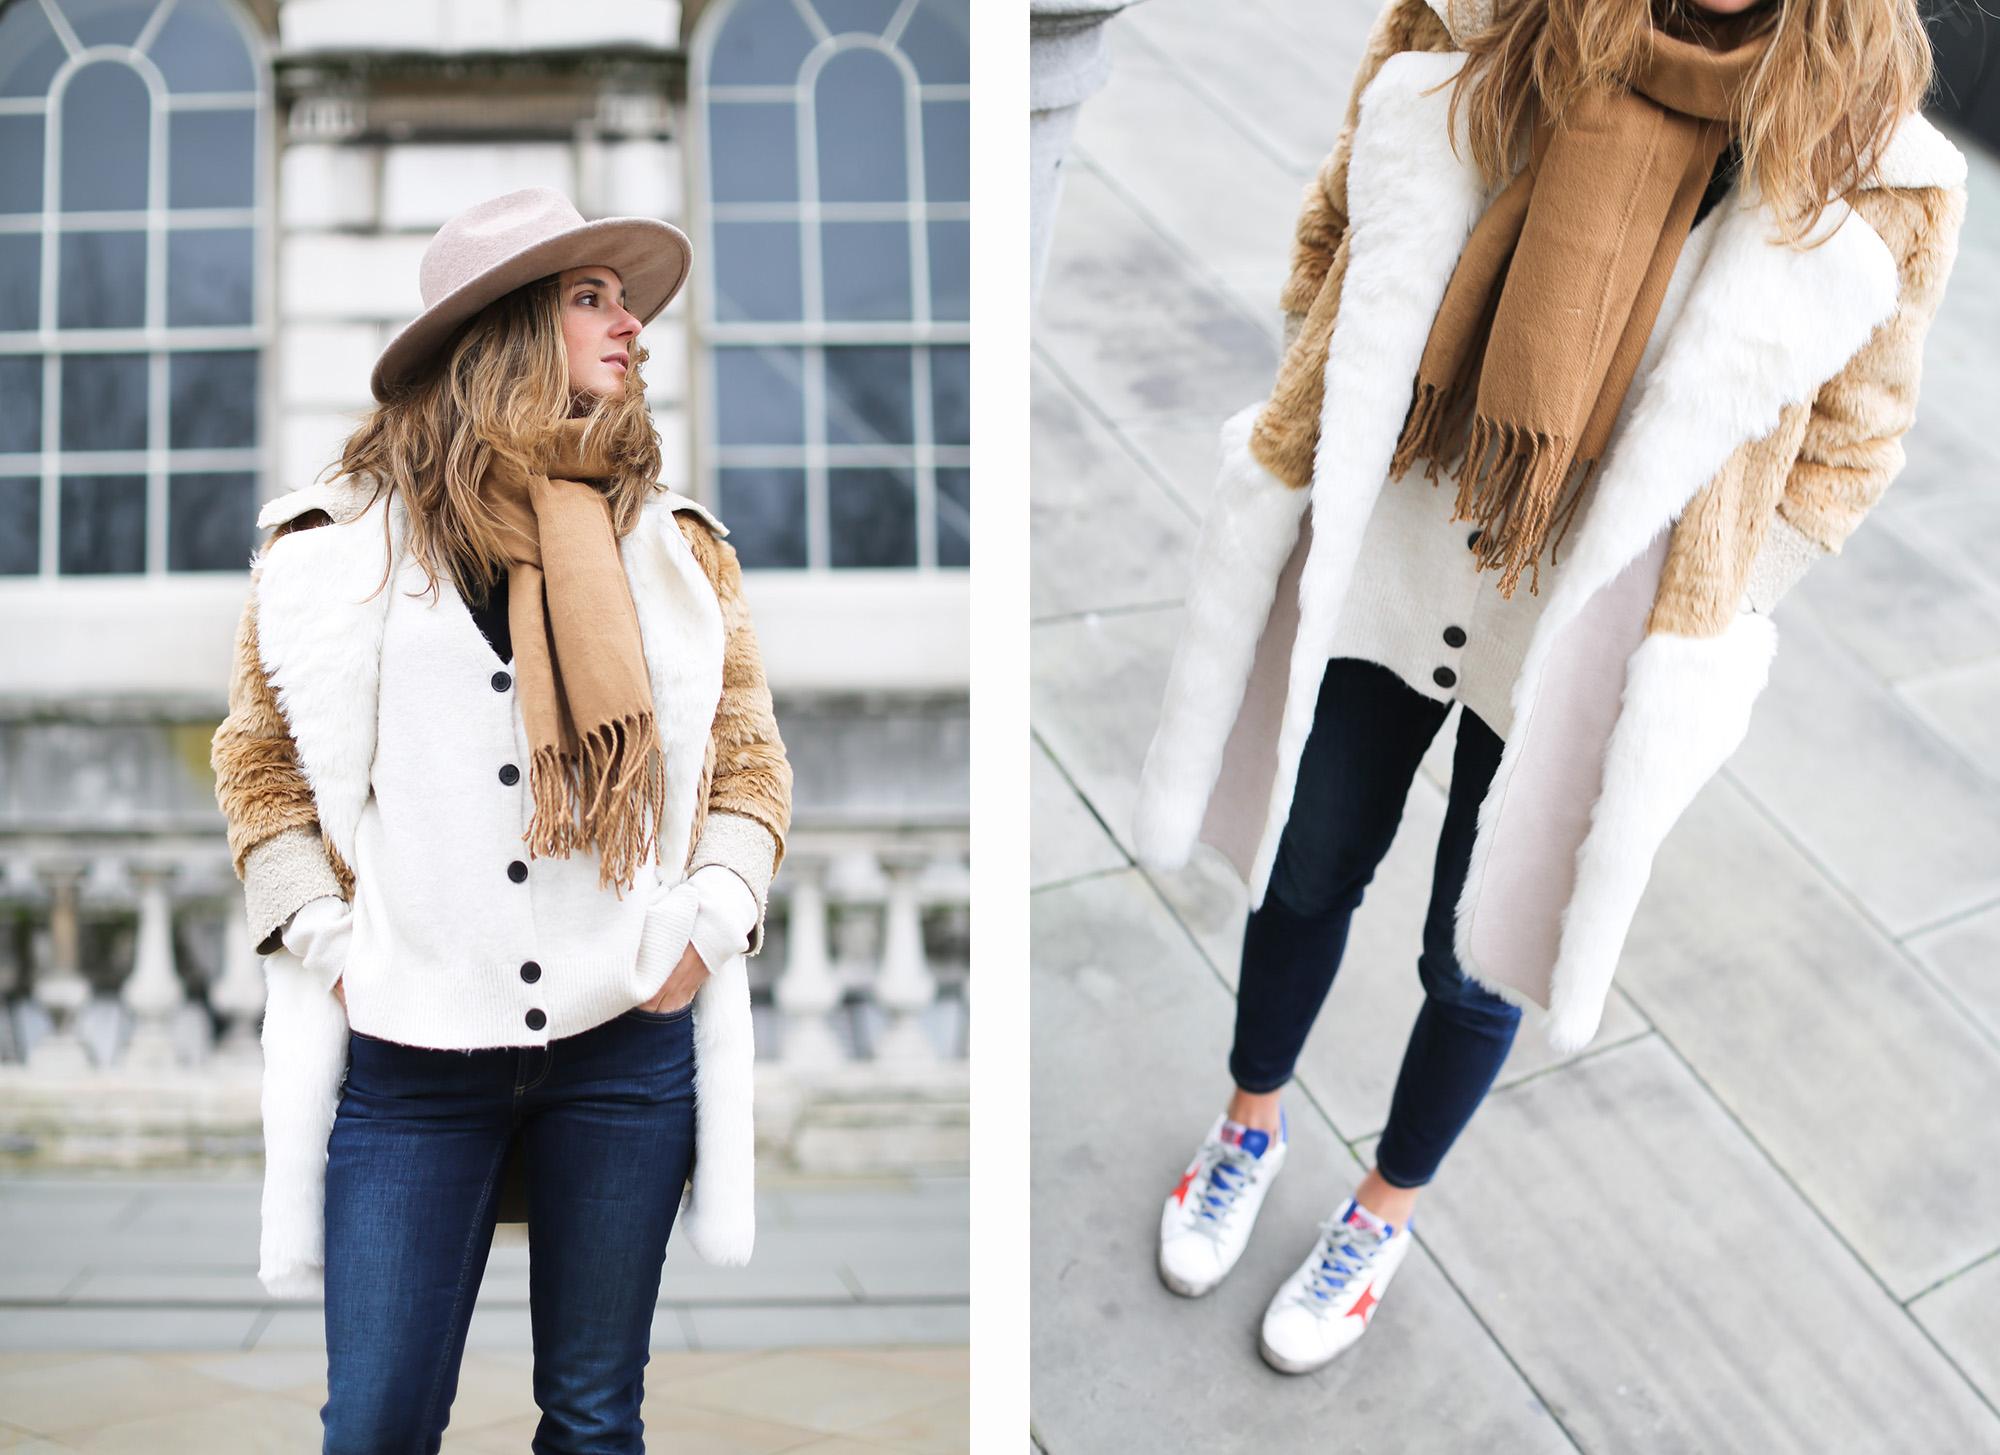 Clochet_streetstyle_asos_patchowork_fake_fur_coat_golden_goose_deluxe_superstar_sneakers-18 copy